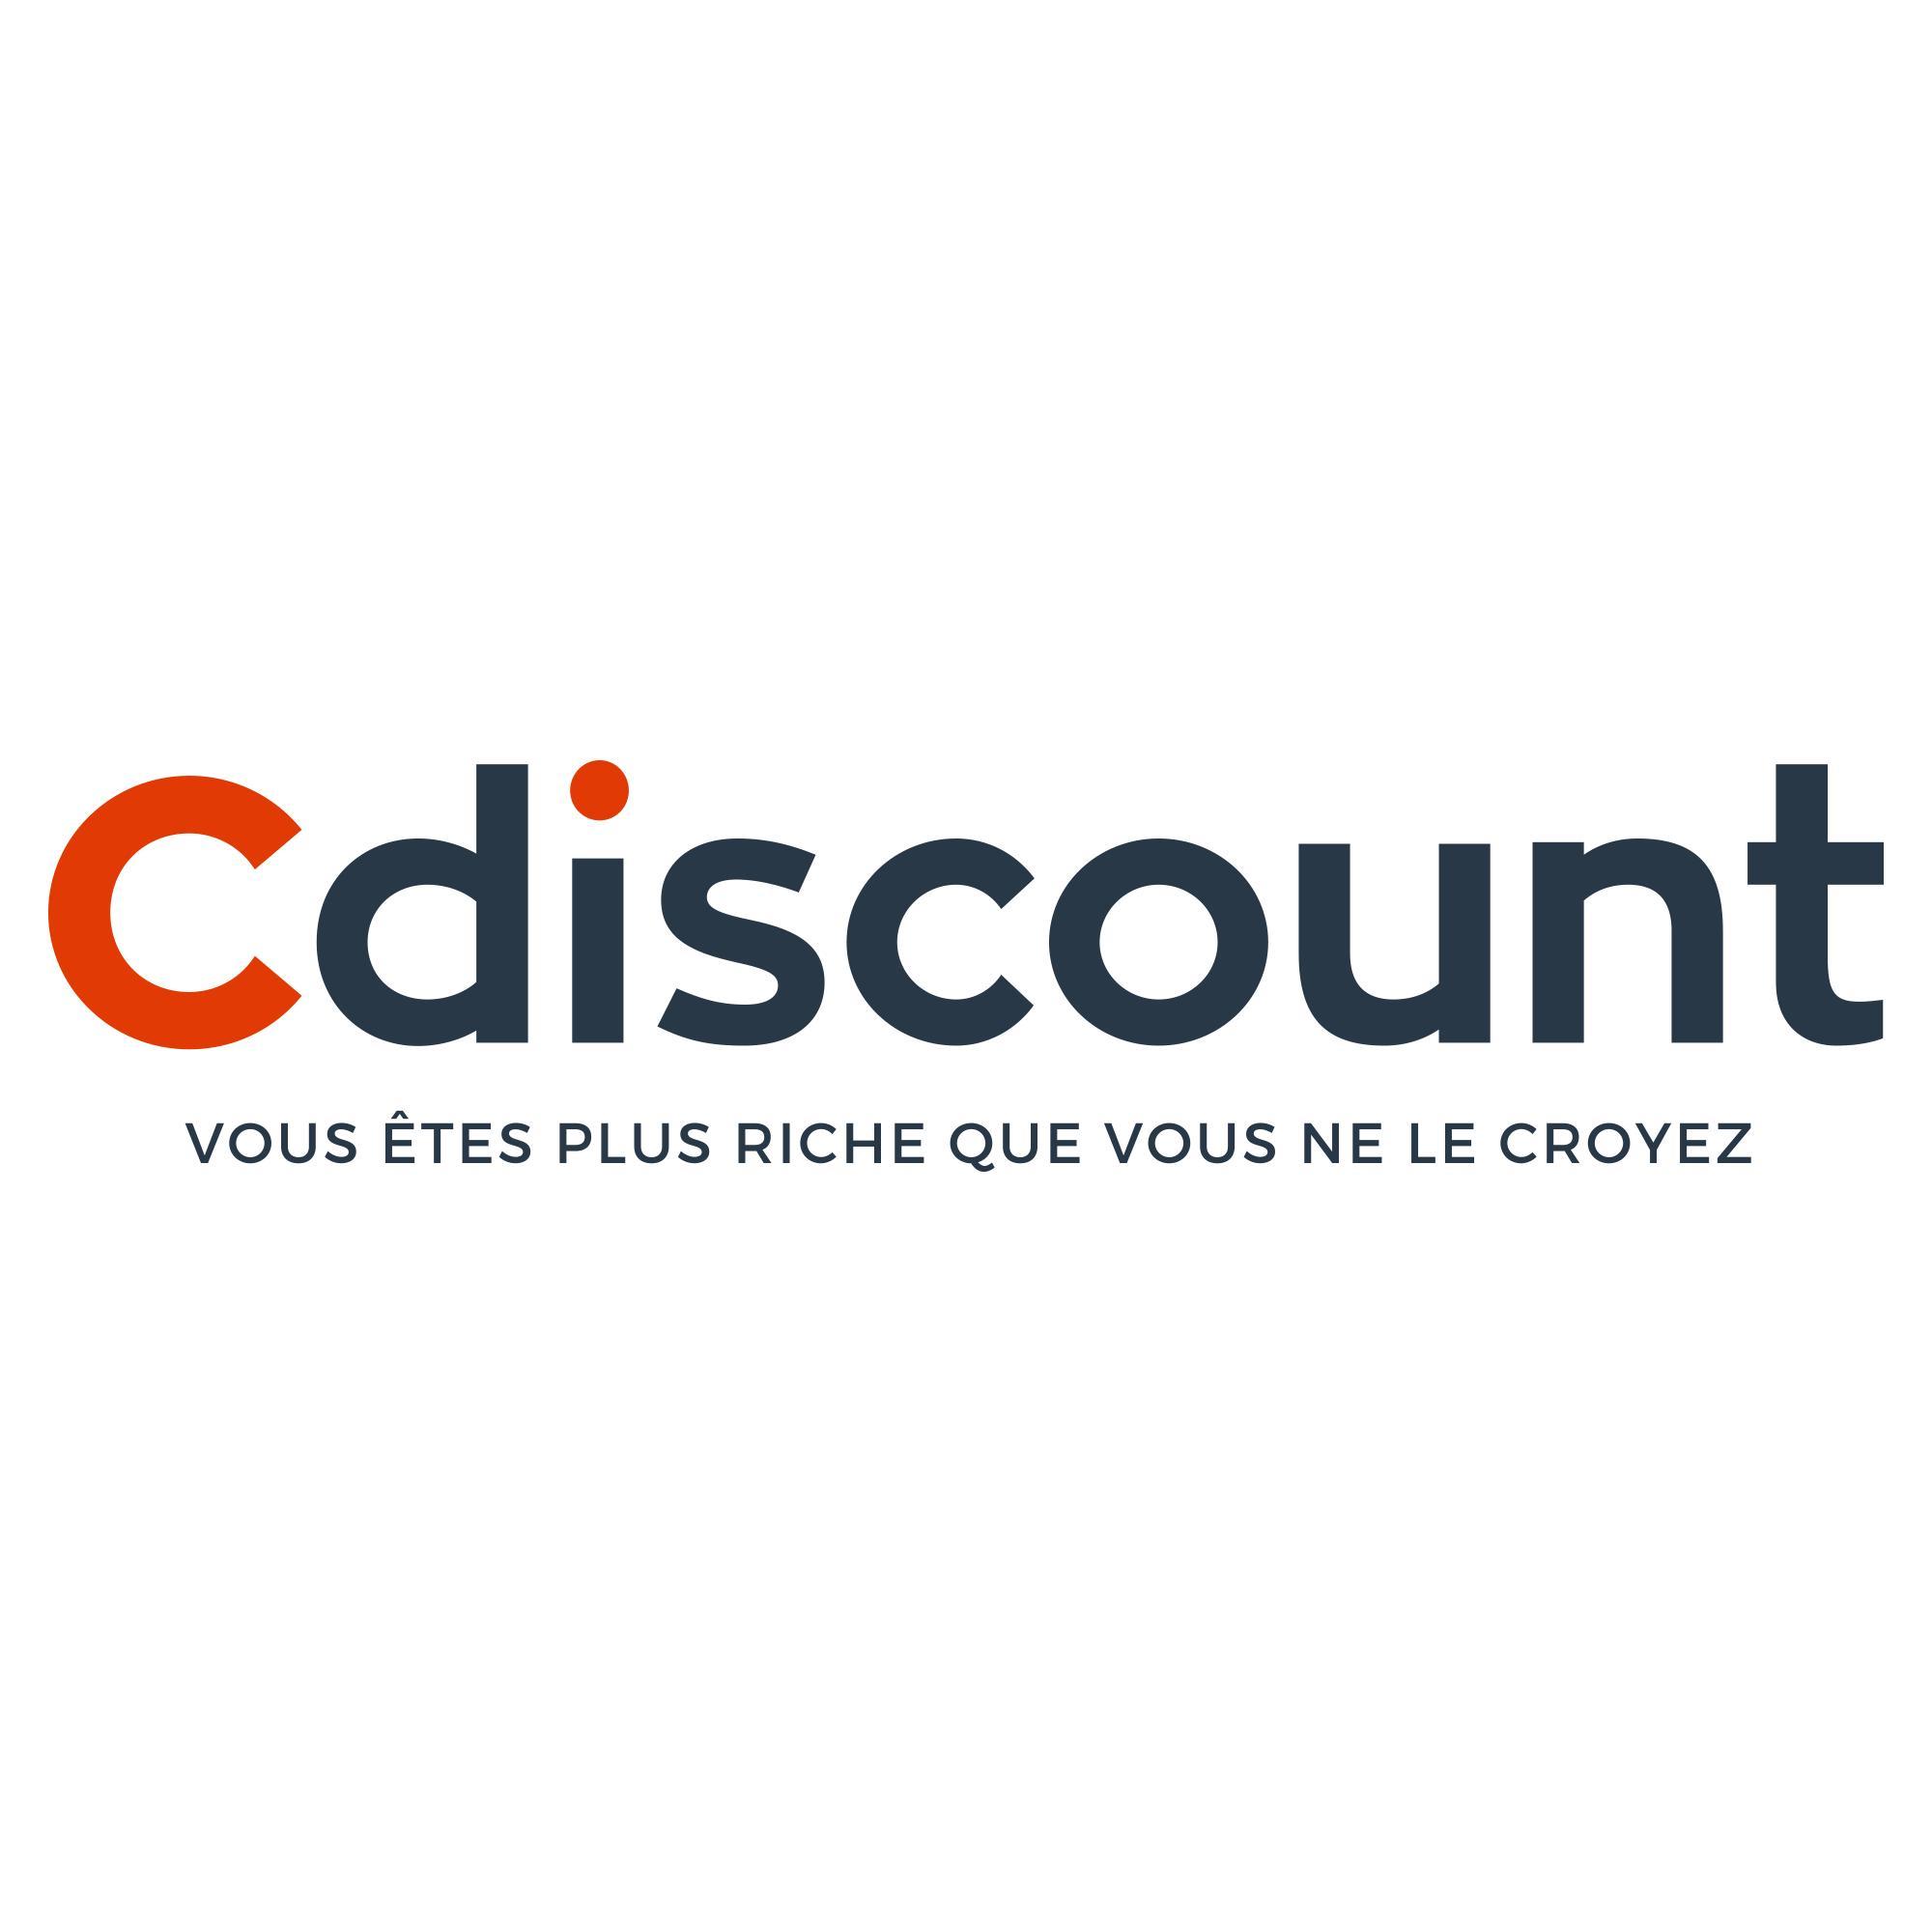 10€ de reduction dès 99€ d'achat, 25€ dès 249€ et 50€ dès 399€ sur tout le site (Marketplace inclus)